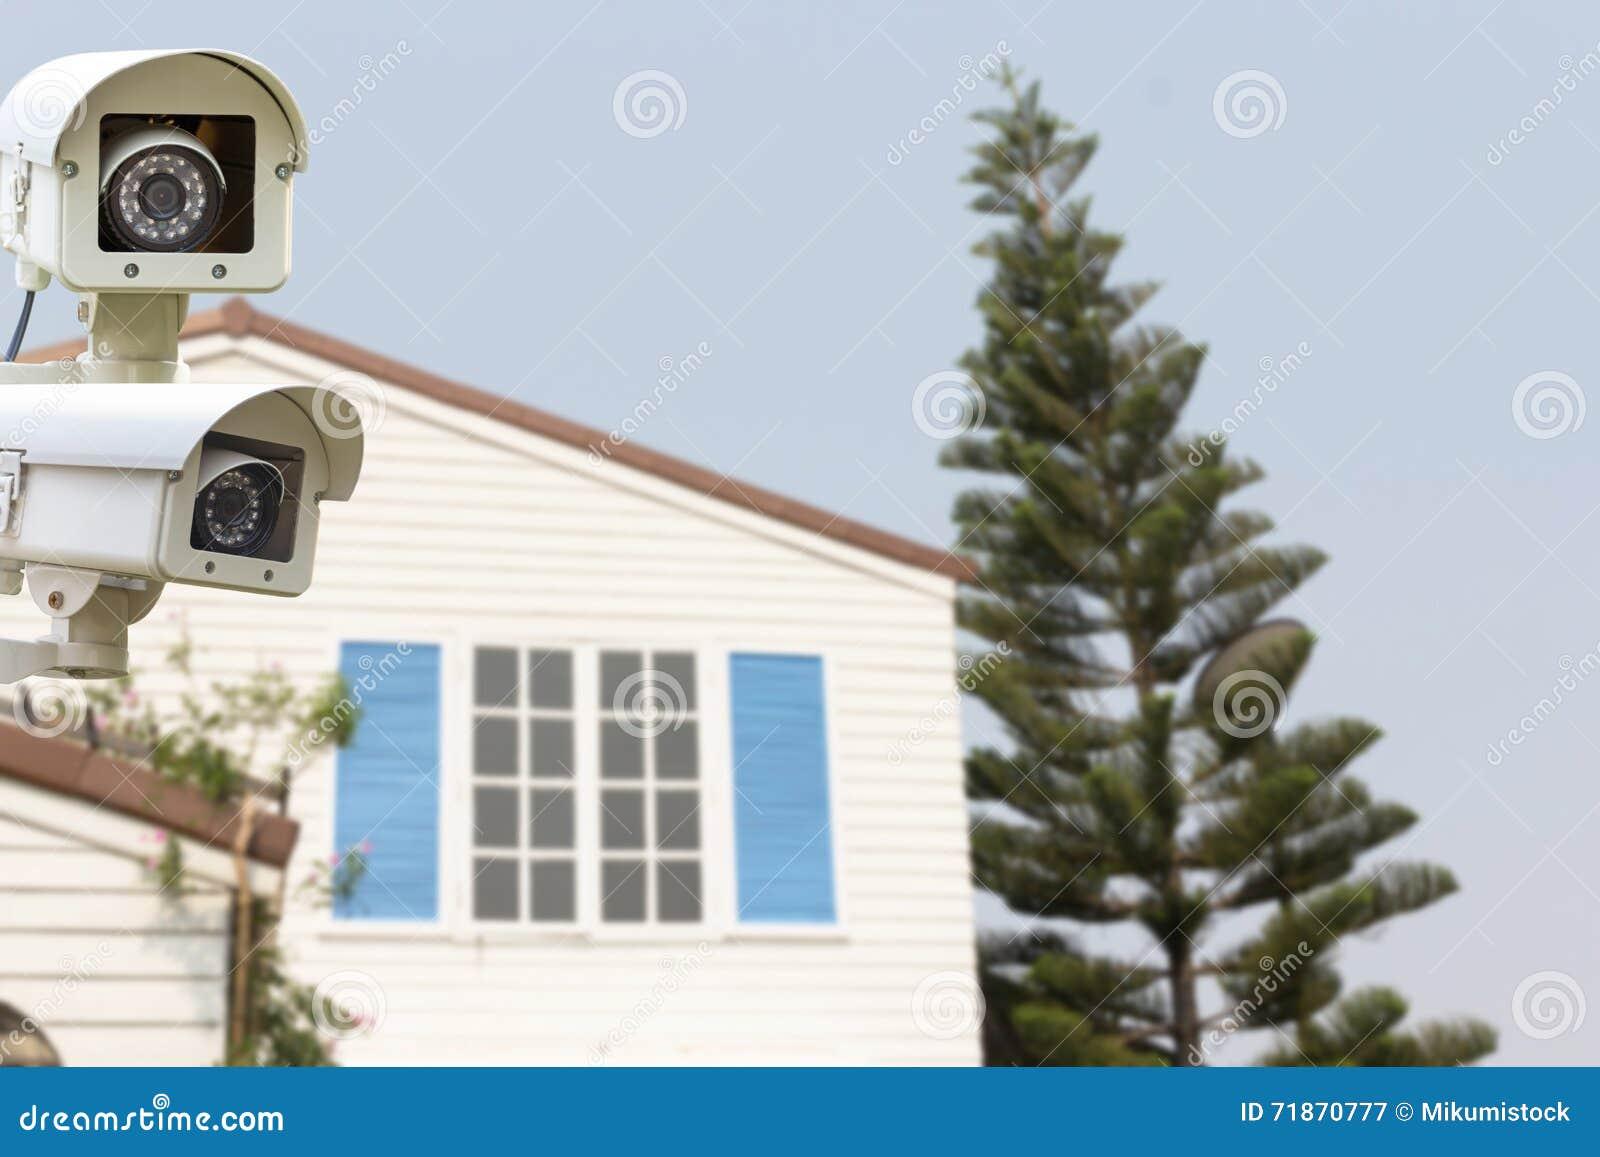 CCTV运行在后院屋顶房子的安全监控相机